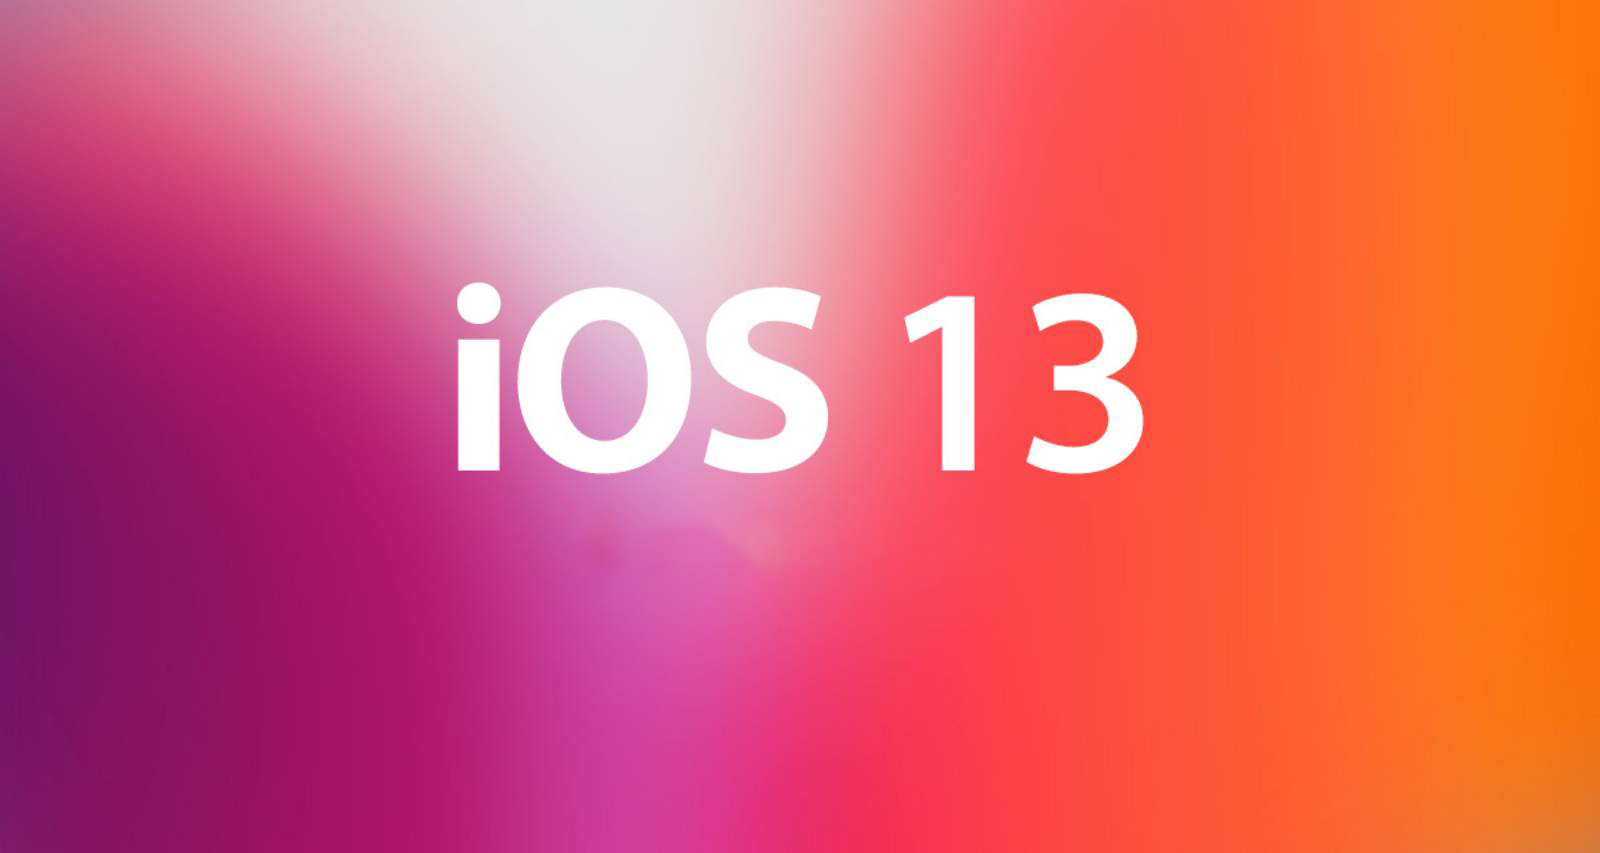 iOS 13.1 public beta 1